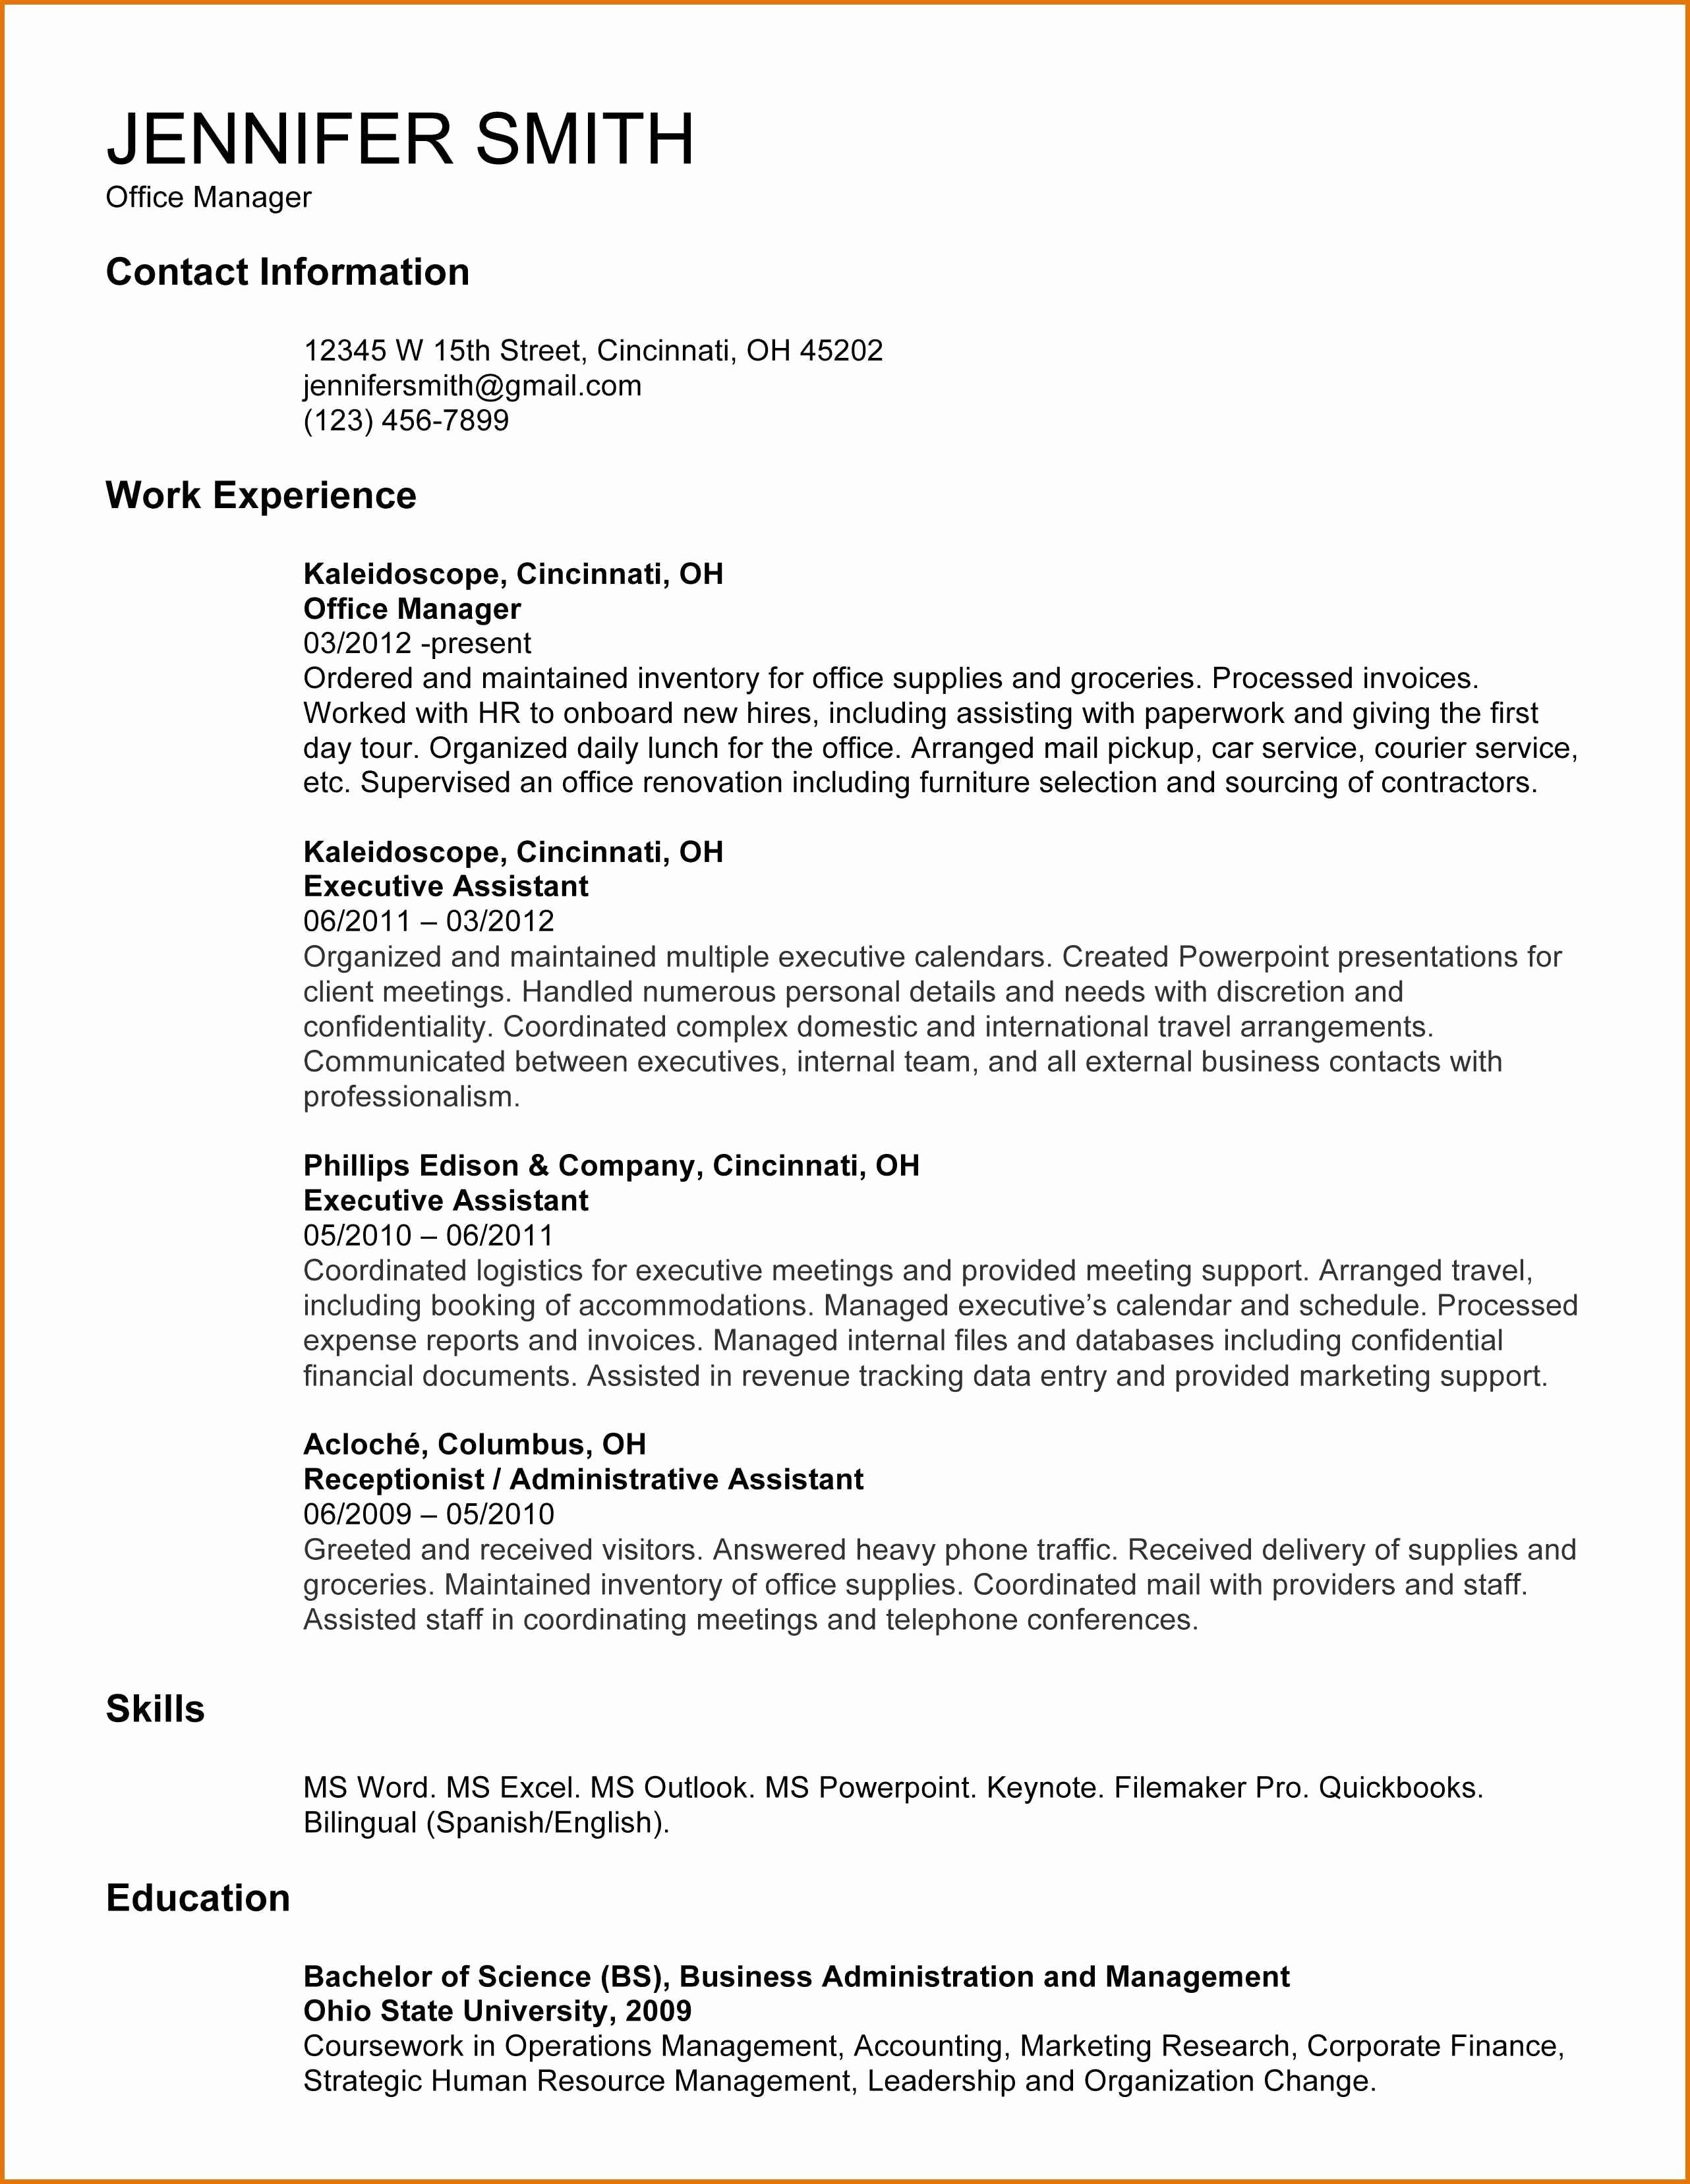 Sponsorship Letter Template Word - Cover Letter for Portfolio Ficer Refrence Sponsorship Levels